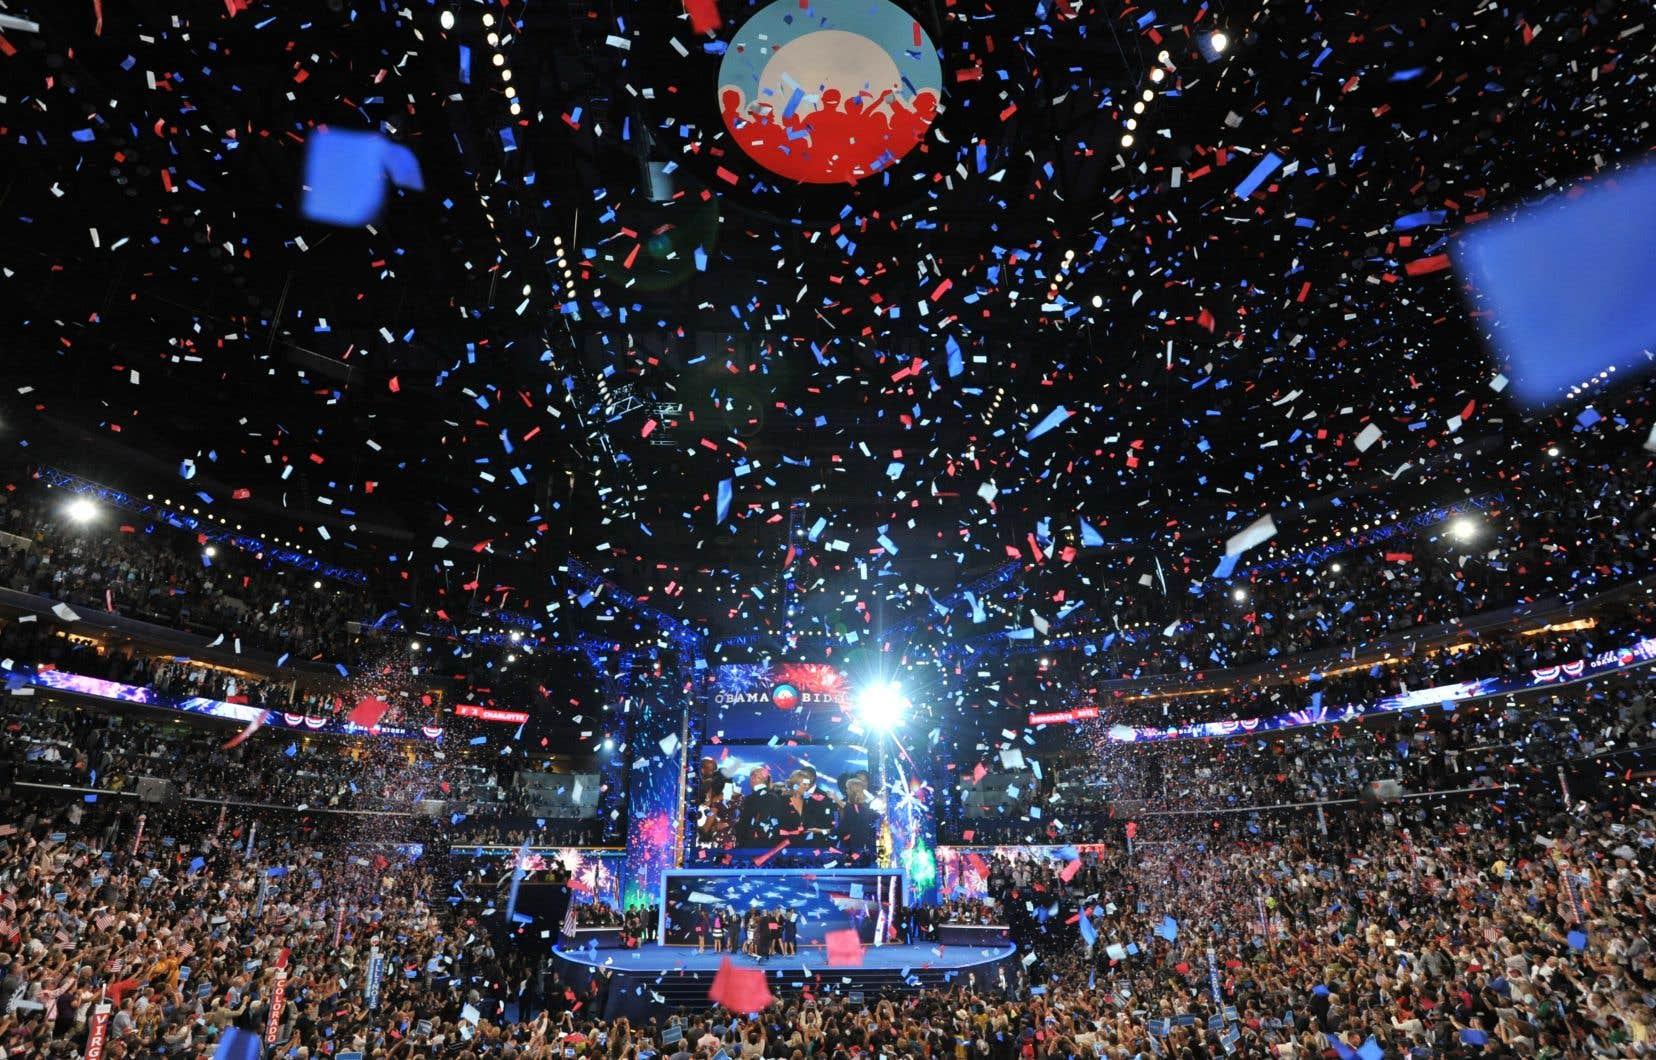 Désormais, seul le nombre de délégués obtenus par ces votes d'électeurs sera pris en compte pour déterminer le vainqueur final.